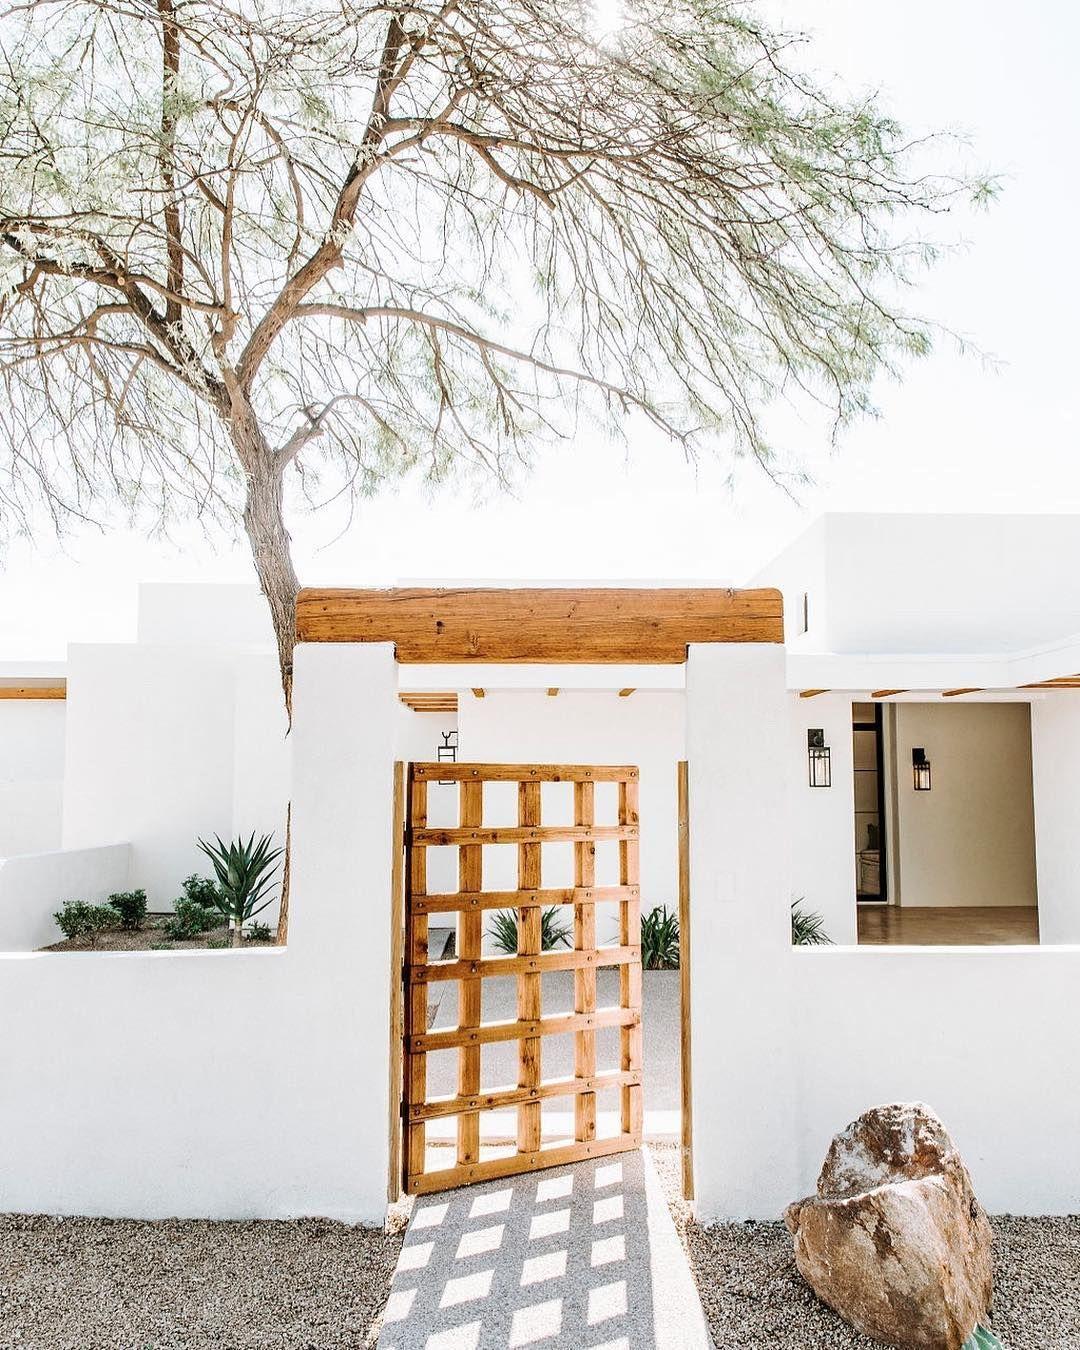 Desert Style Homes : desert, style, homes, These, Desert, Style, Homes, Pining, Southwest, Hunker, House, Exterior,, Spanish, Homes,